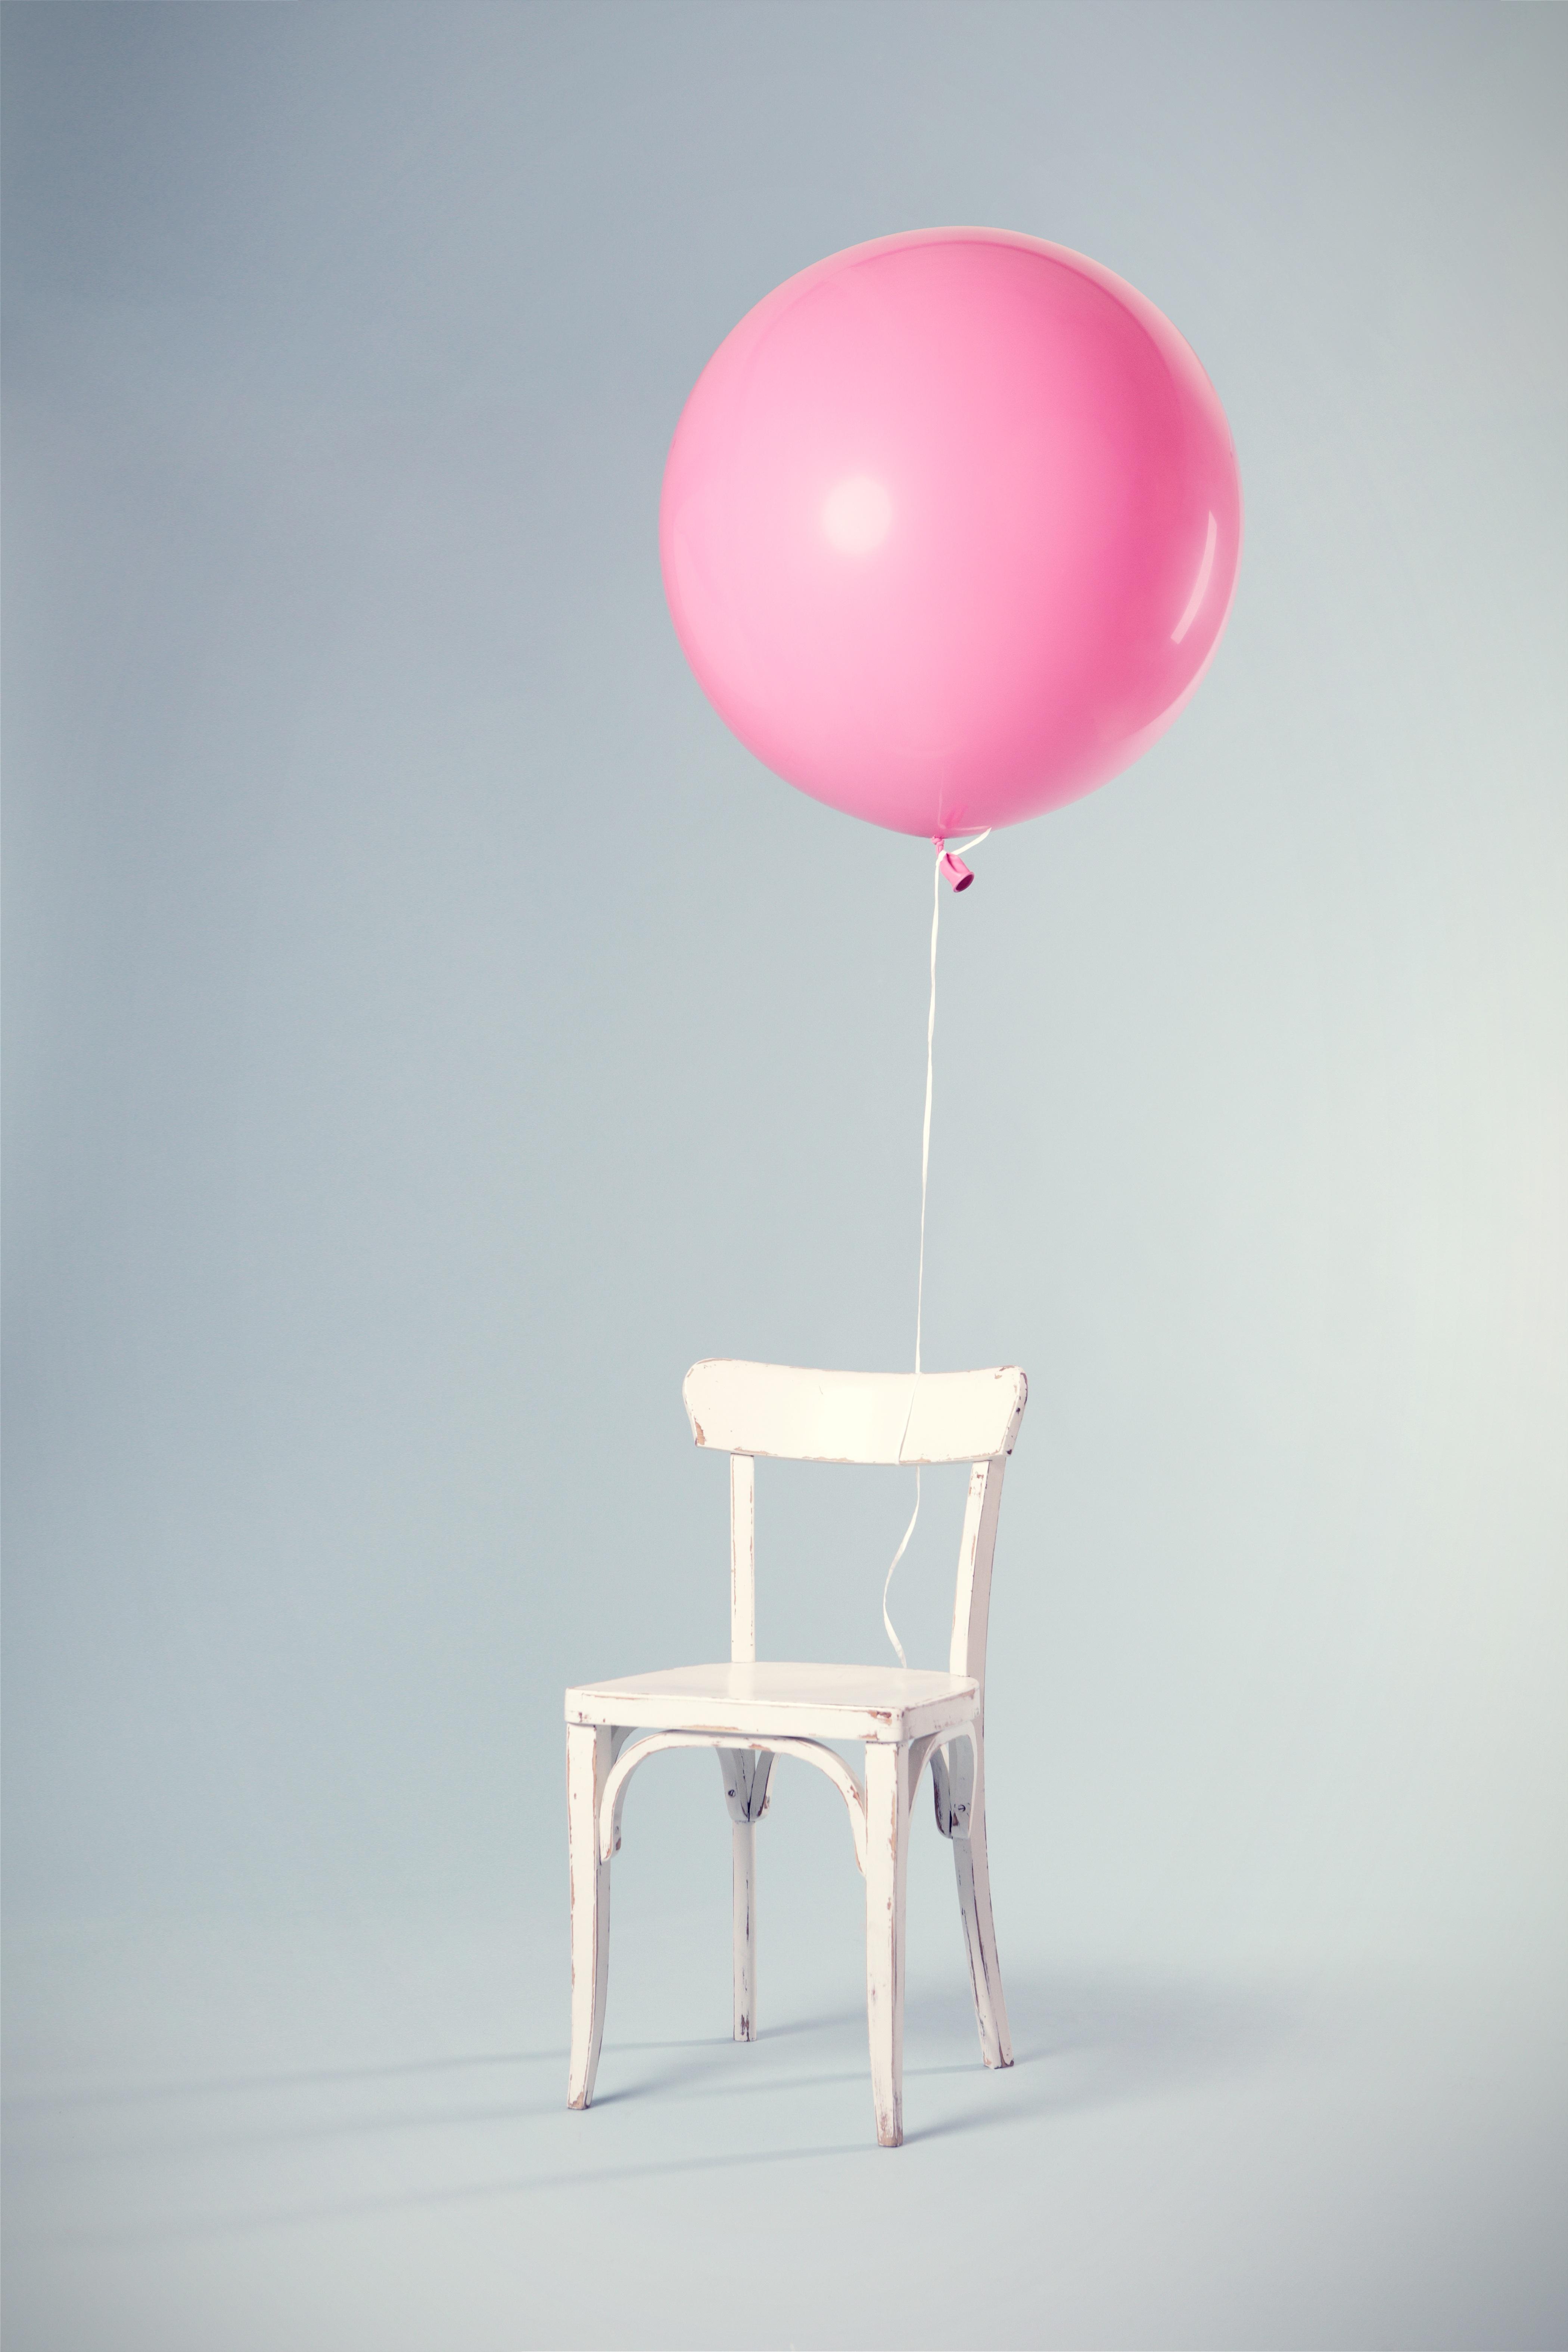 Gratis Afbeeldingen : wit, stoel, interieur, ballon, viering, leeg ...